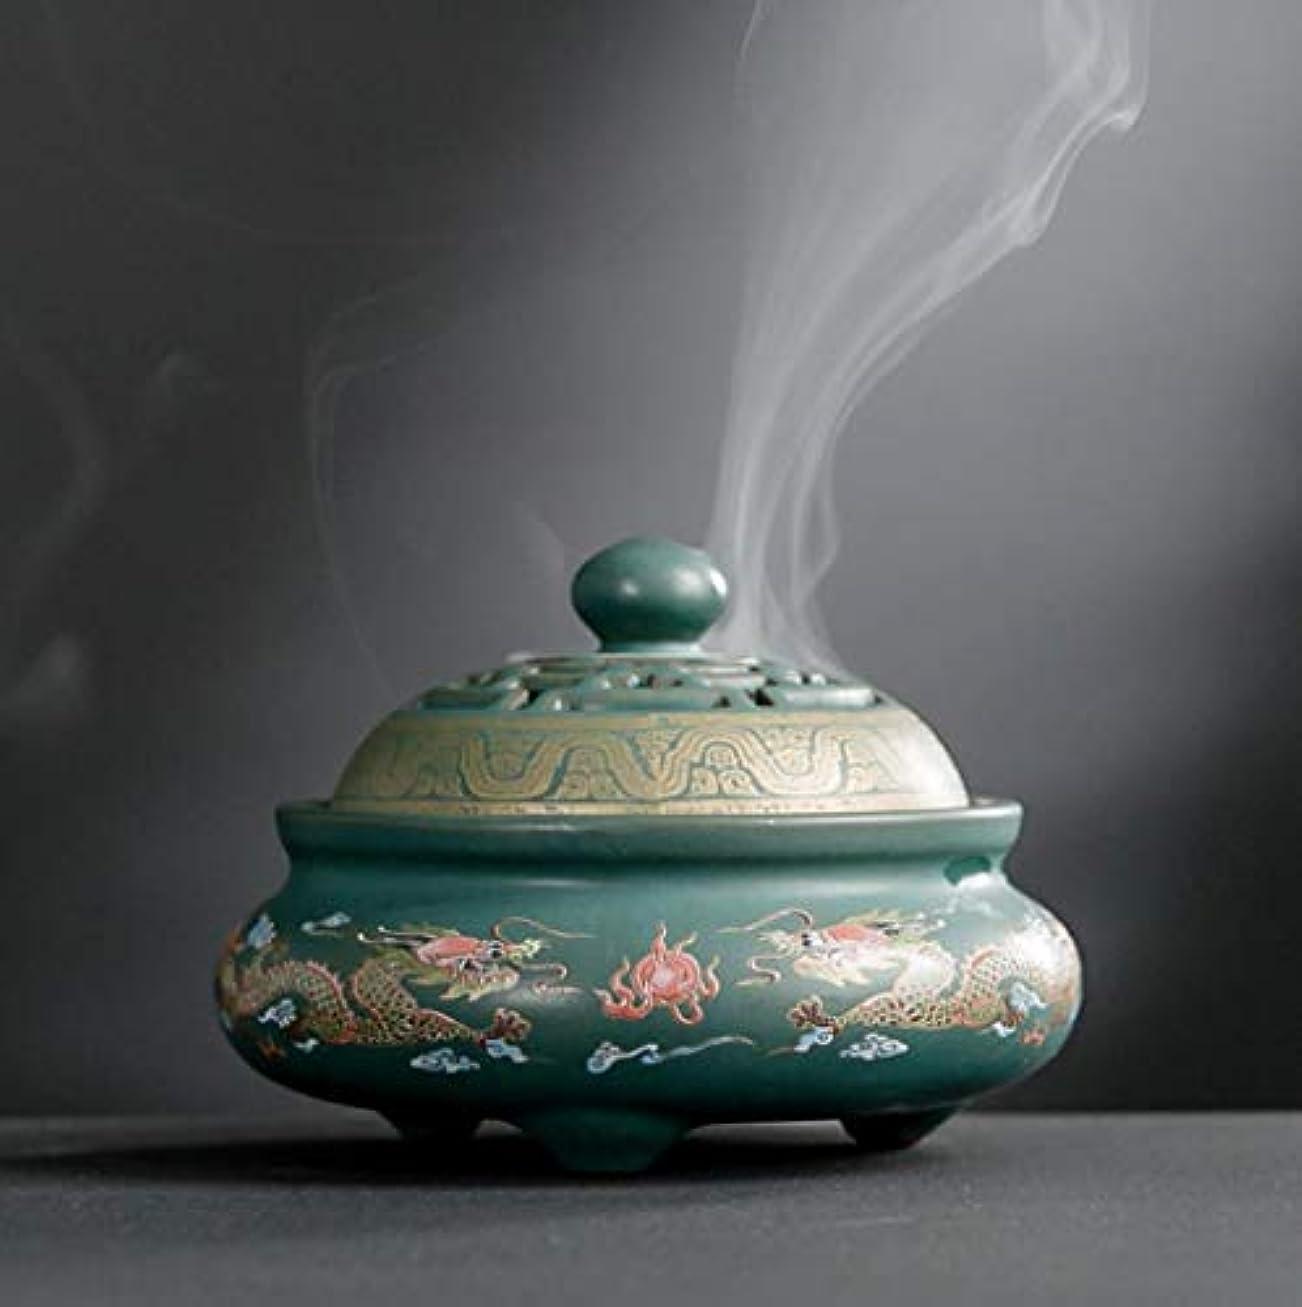 ようこそ粘性の引くYONIK 香炉 渦巻き線香ホルダー 蚊取り線香ホルダー 線香入れ 磁器 香皿 蓋付き 香立て付き 和風